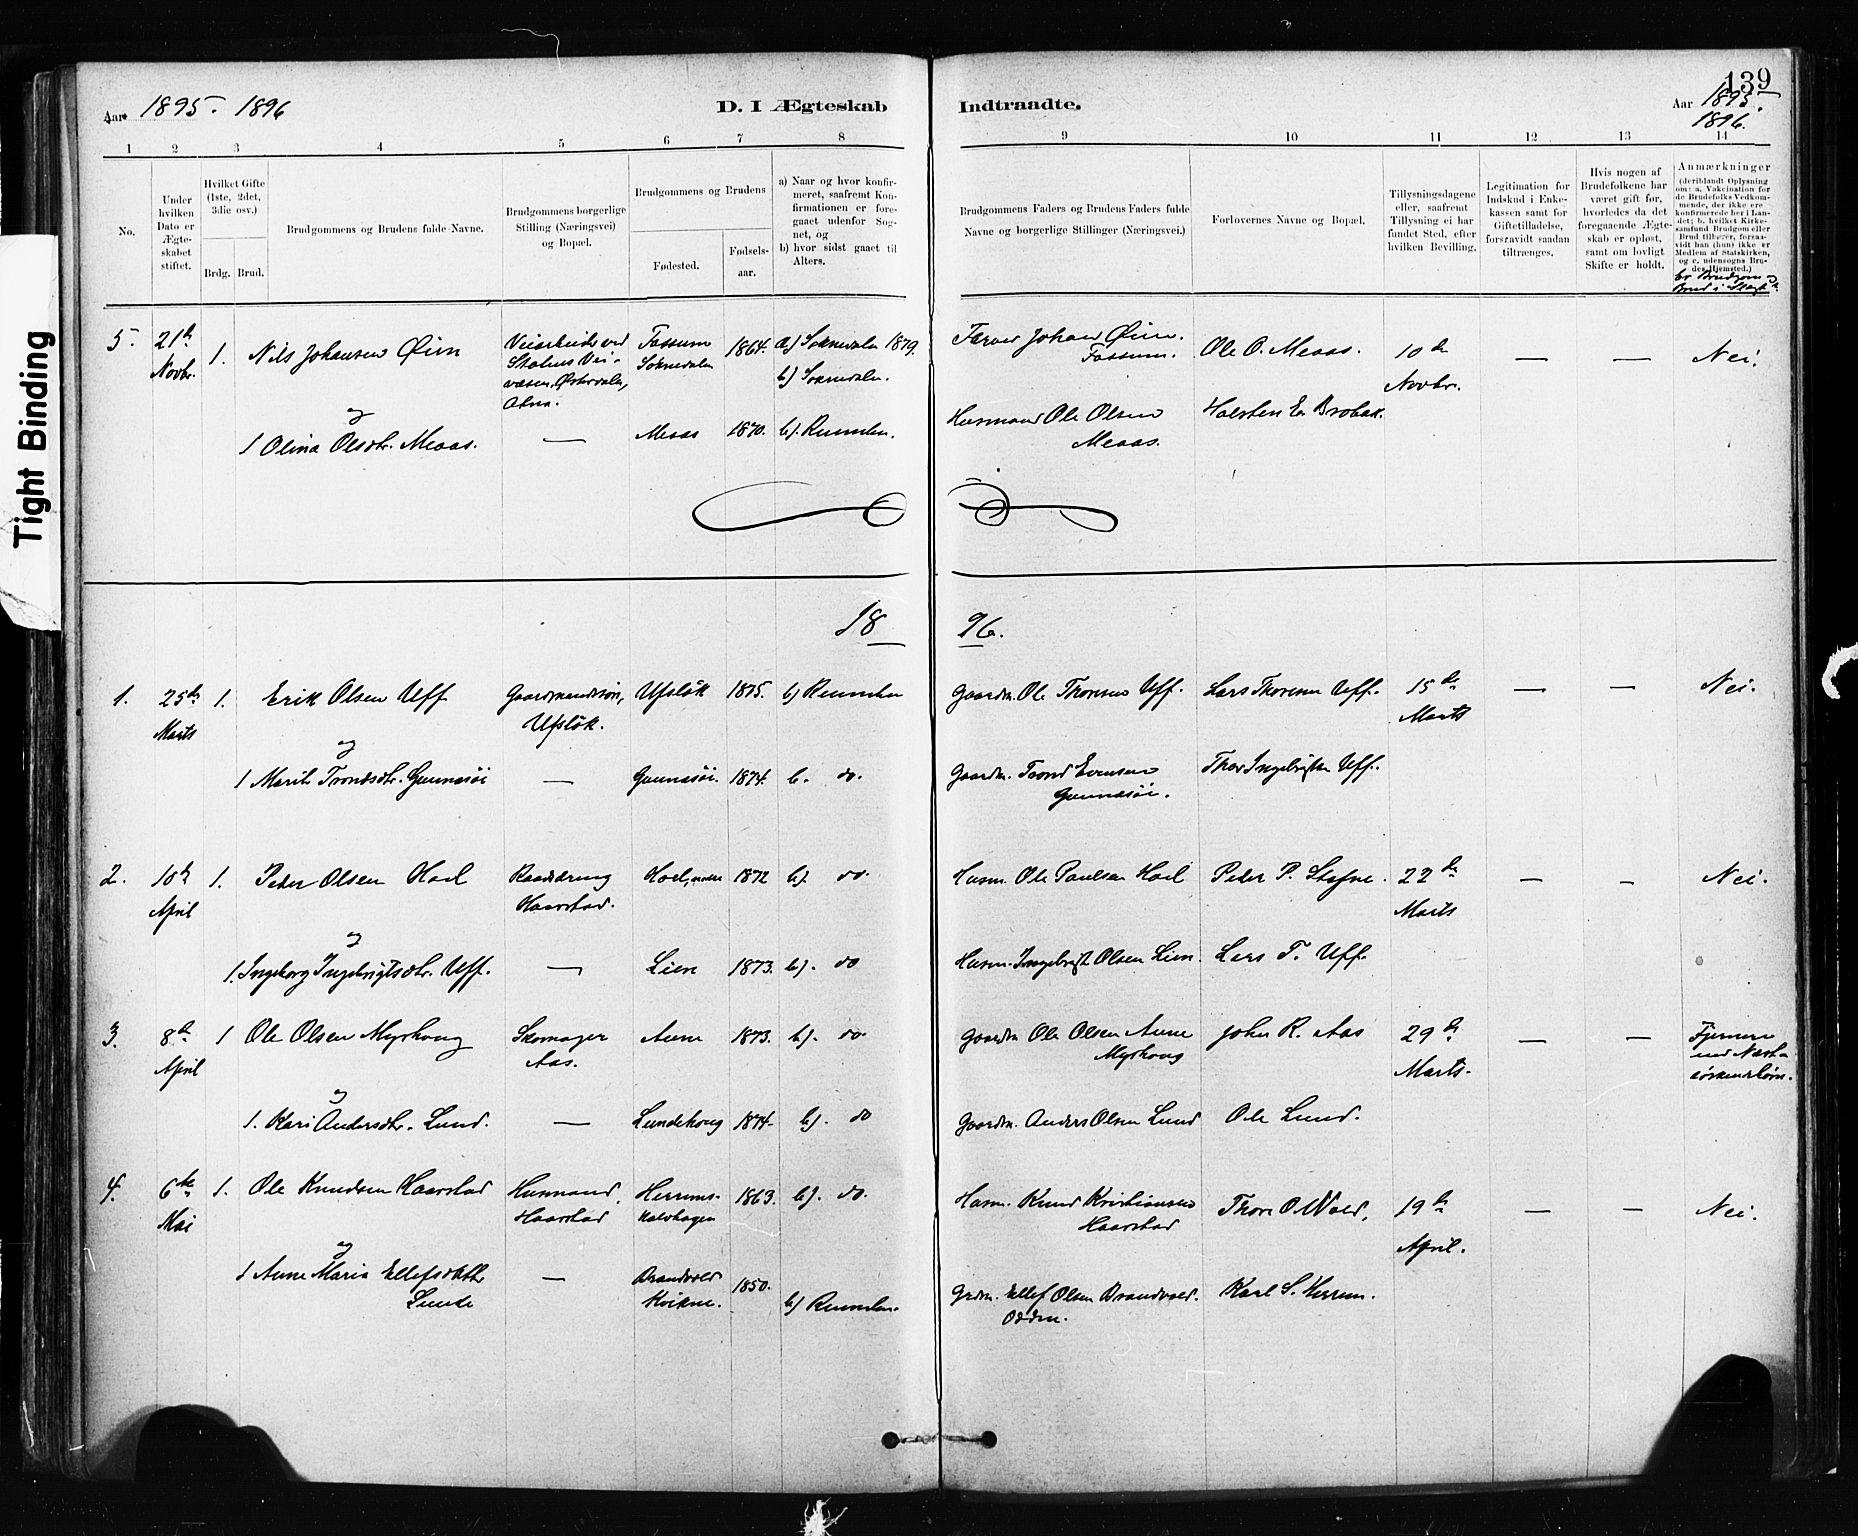 SAT, Ministerialprotokoller, klokkerbøker og fødselsregistre - Sør-Trøndelag, 674/L0871: Ministerialbok nr. 674A03, 1880-1896, s. 139